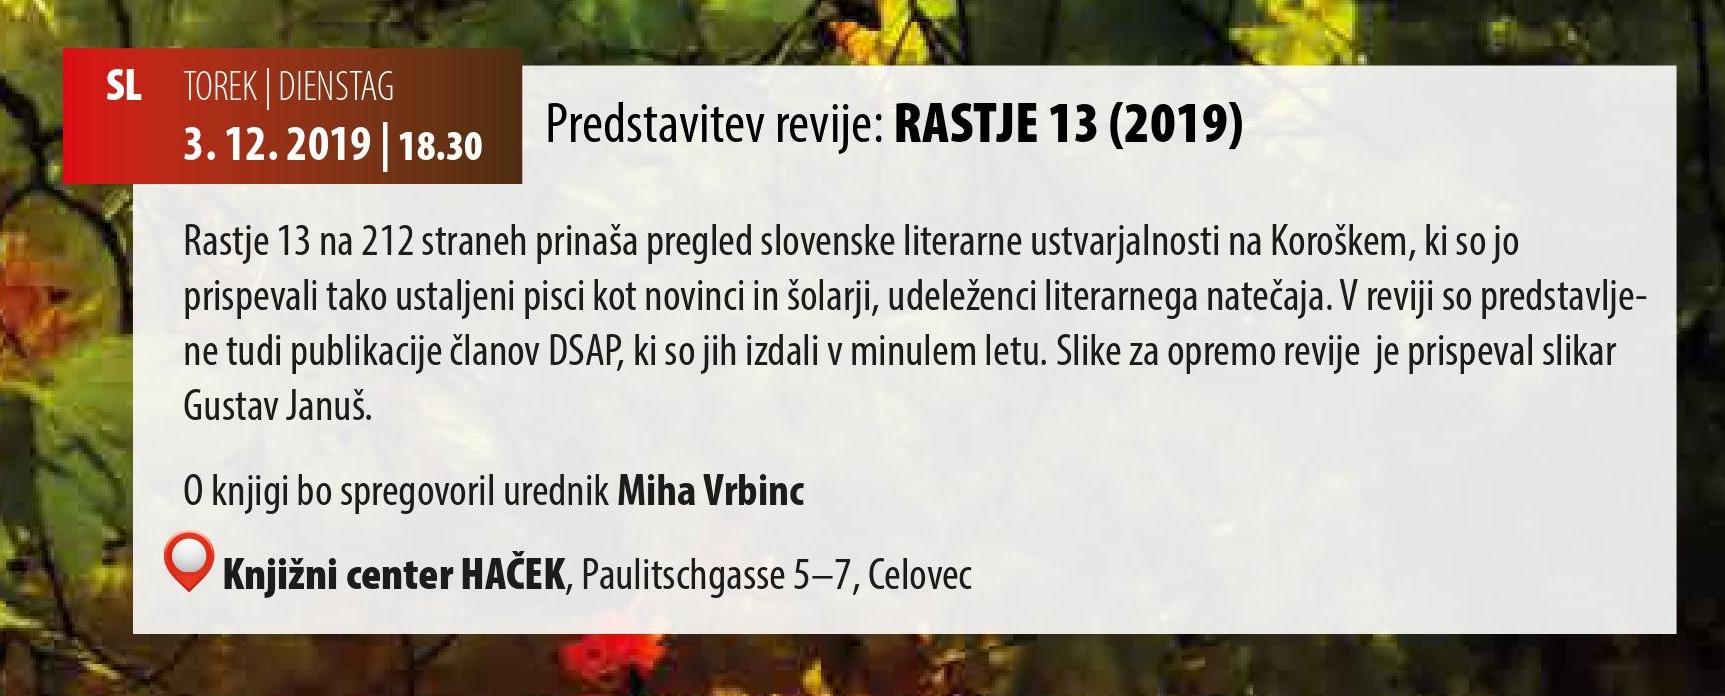 Rastje 13 (Uredil: Miha Vrbinc, izdala DSPA & SPZ, založil JSKD)